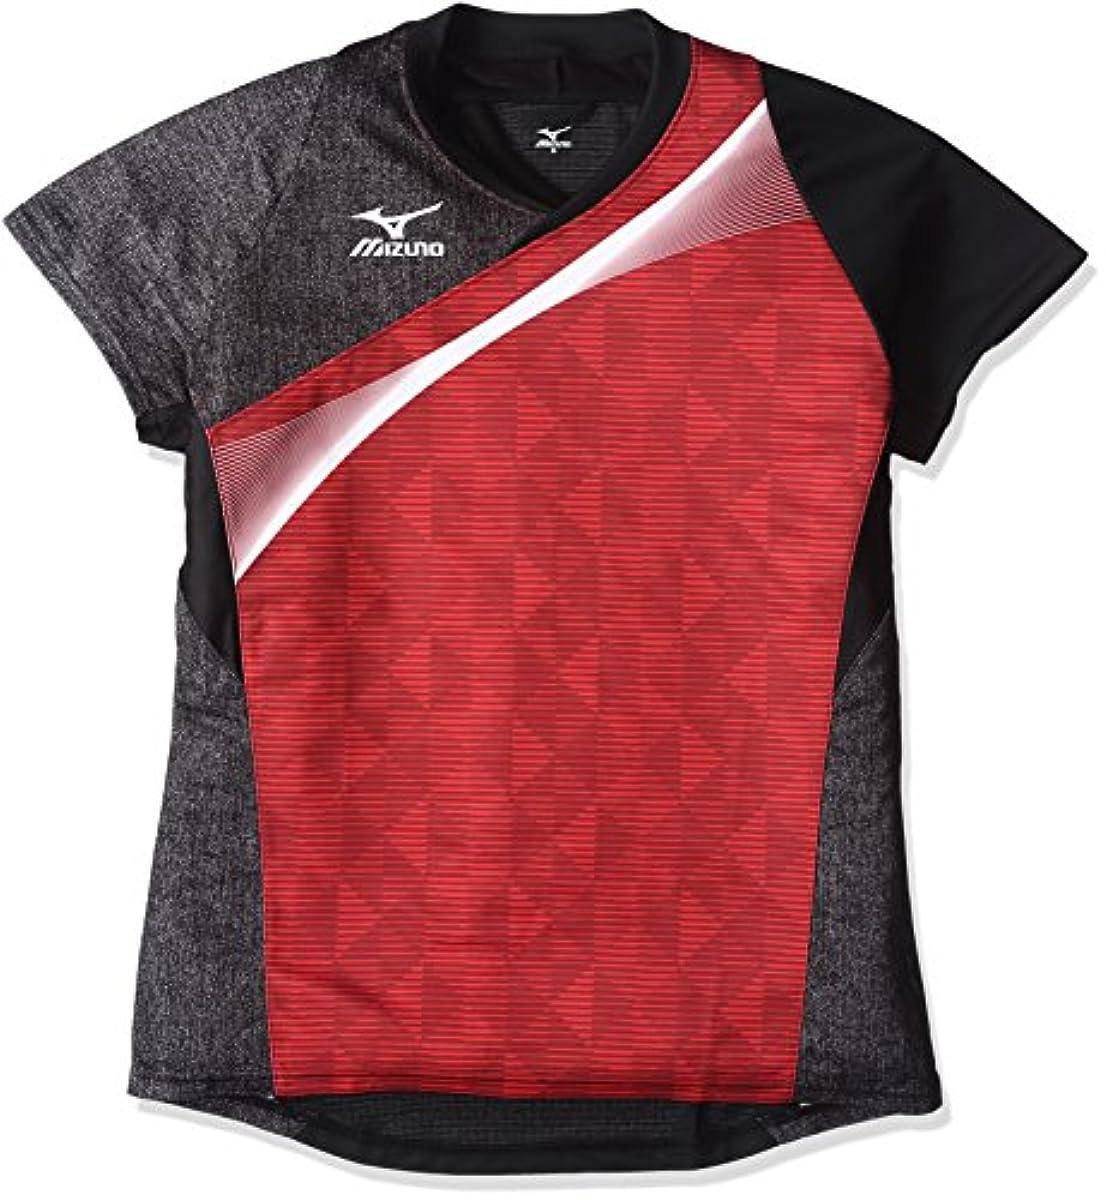 [해외] (미즈노)MIZUNO 탁구 웨어 게임 셔츠 82JA6501[유니]-82JA6501 (2016-06-22)